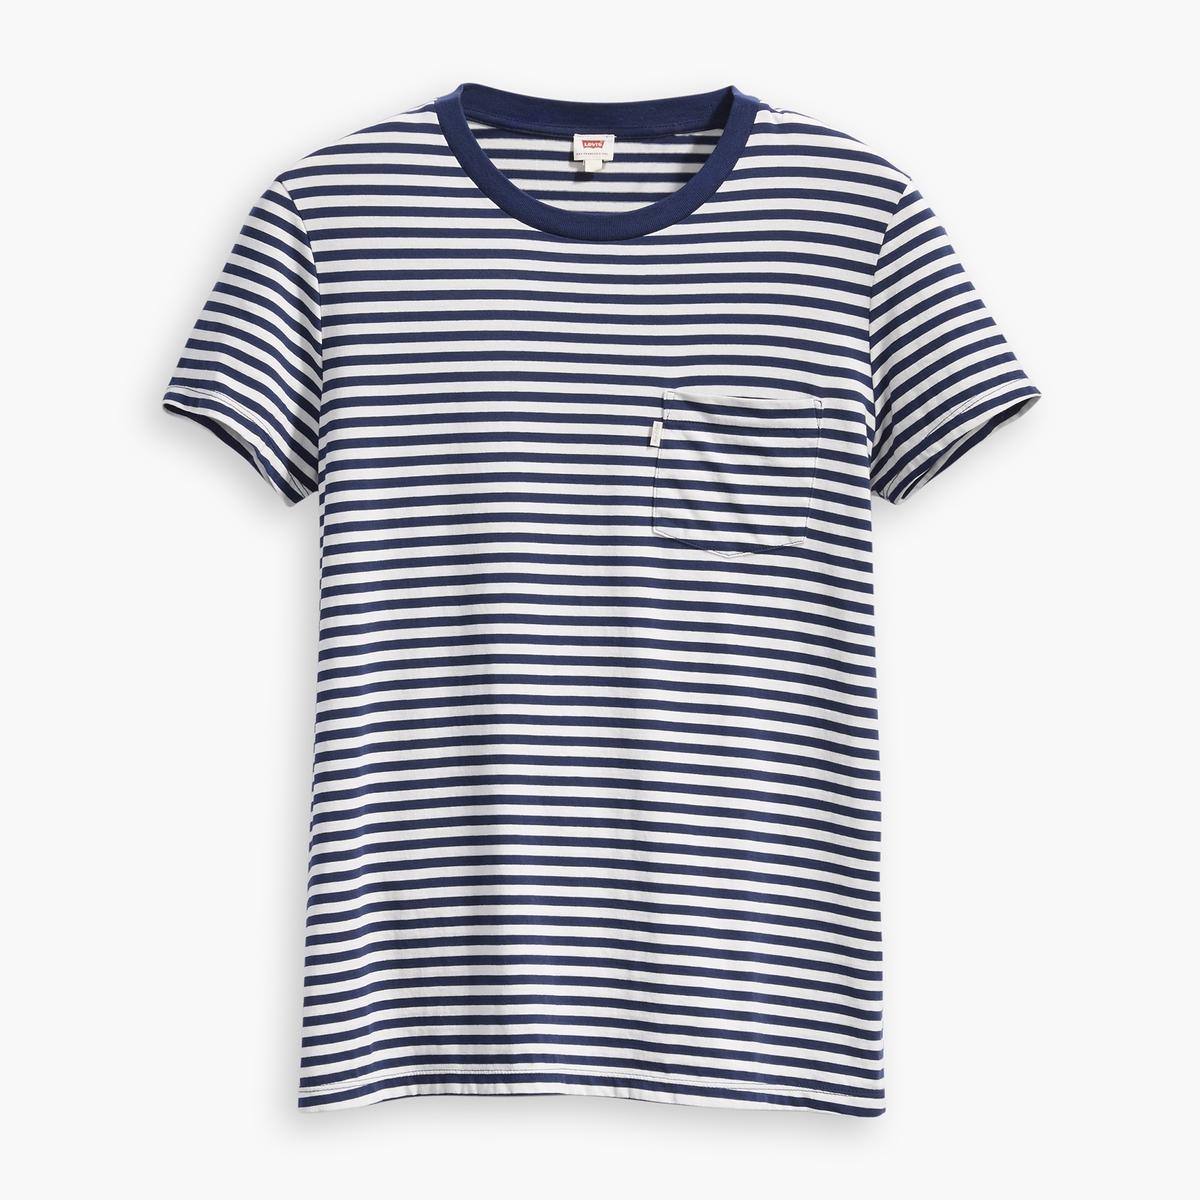 Camiseta THE PERFECT CREW, con cuello redondo y manga corta